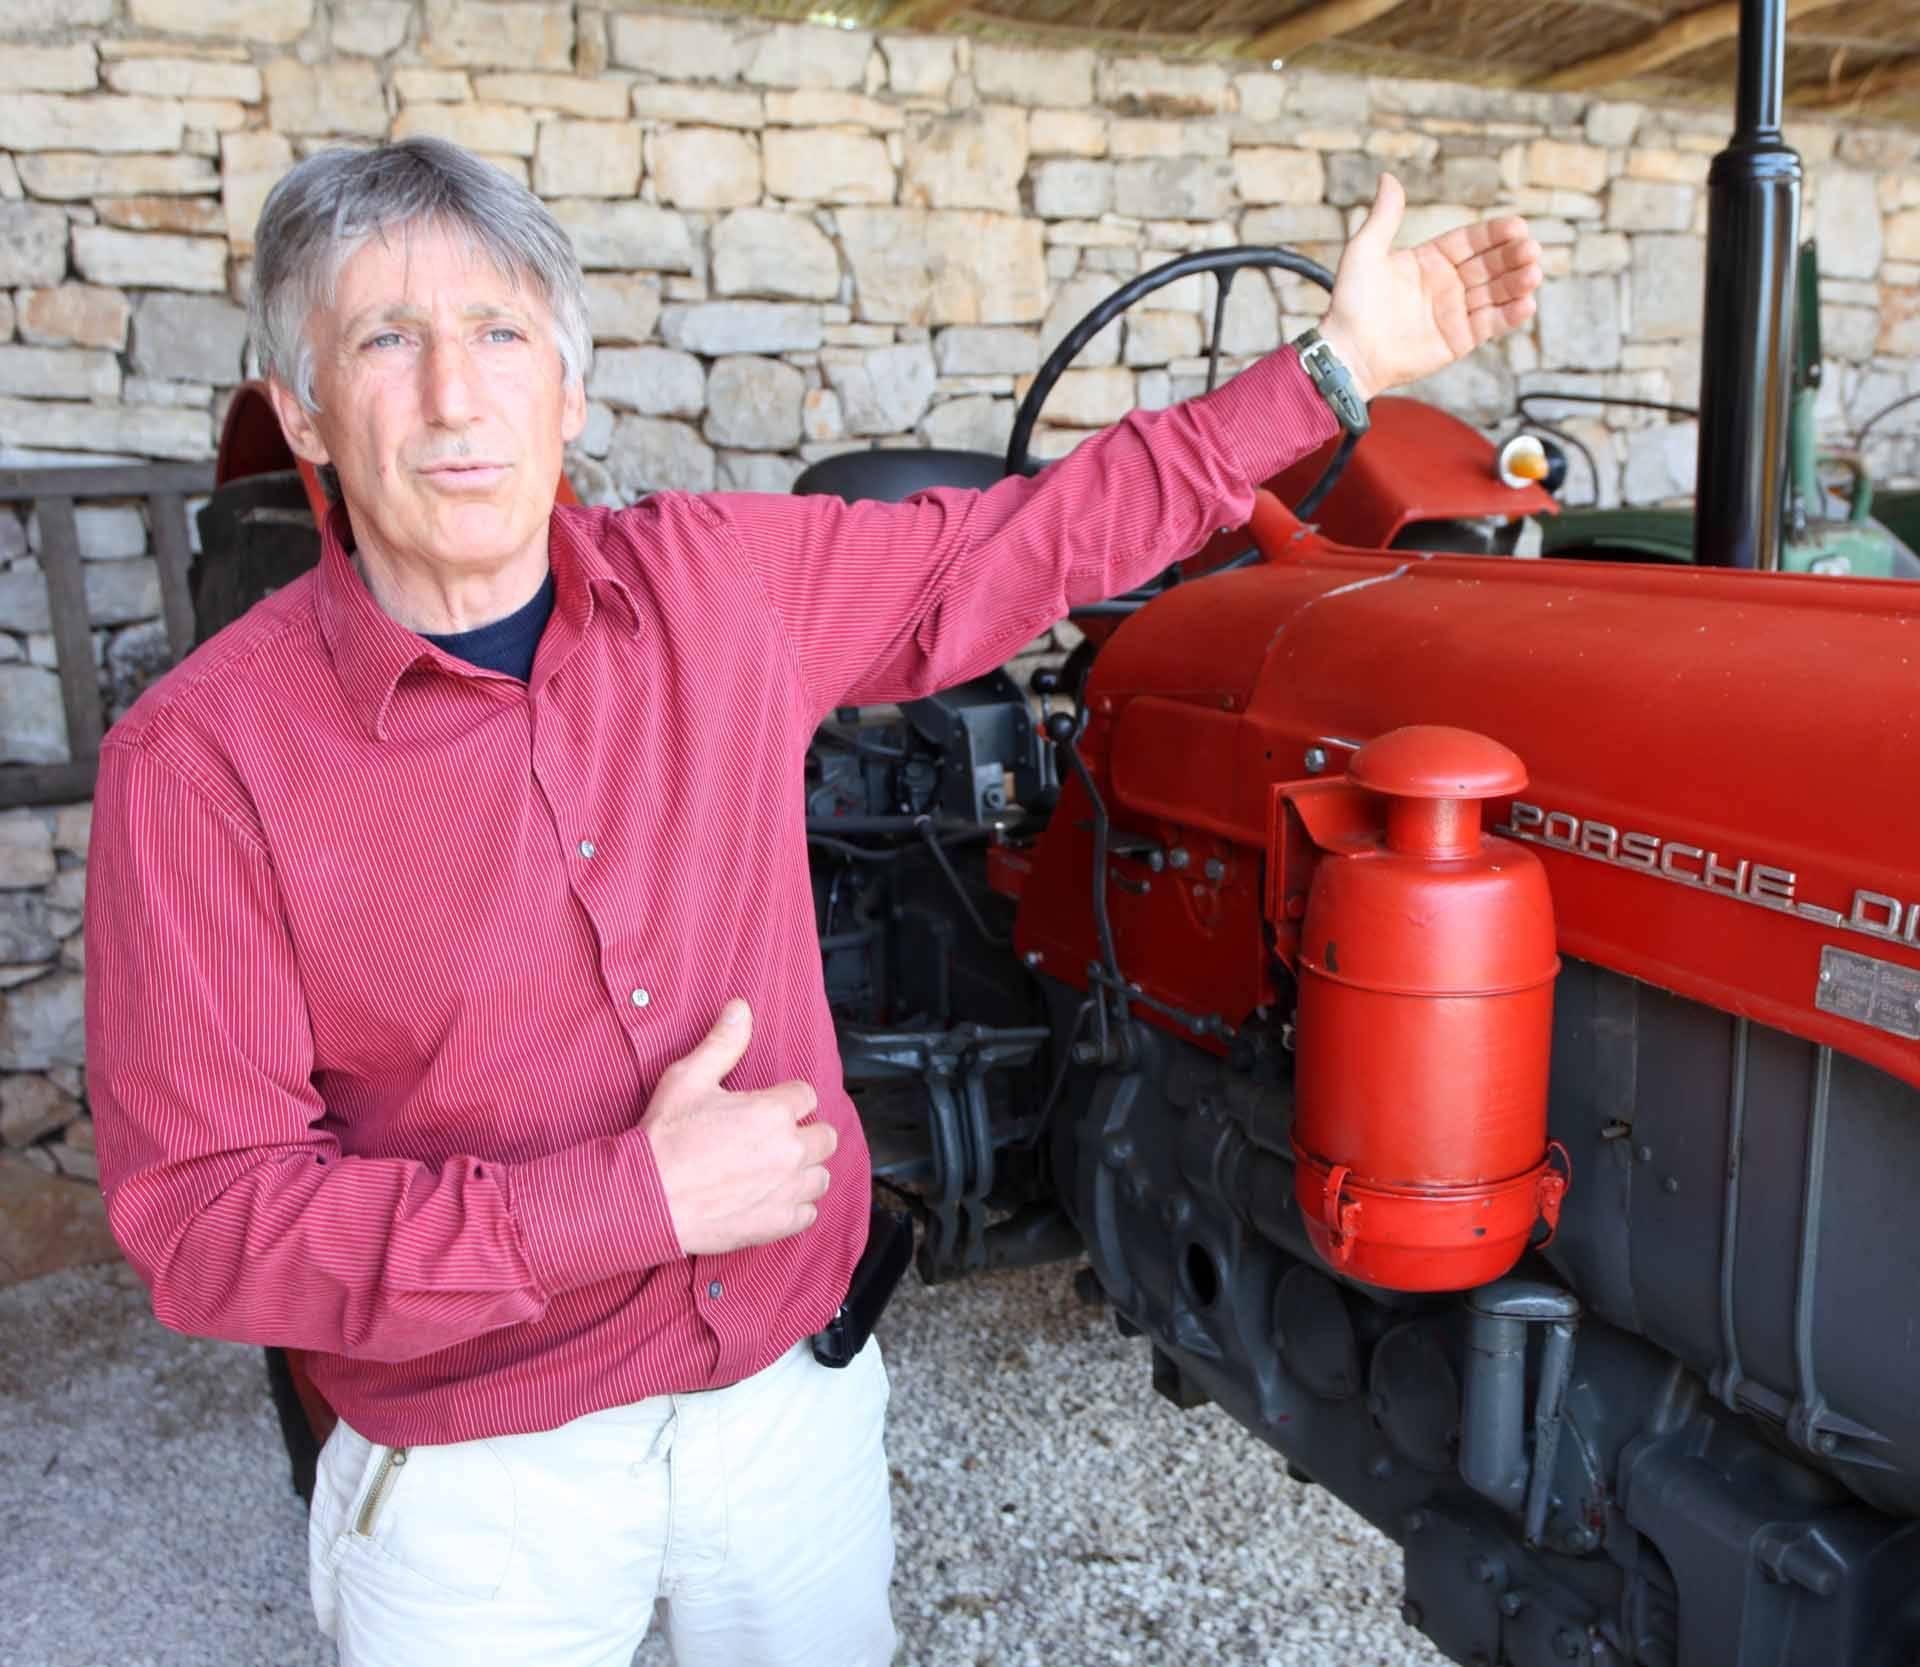 Silvio je naš kralj traktora: U kolekciji ima Ferrari, Porsche...